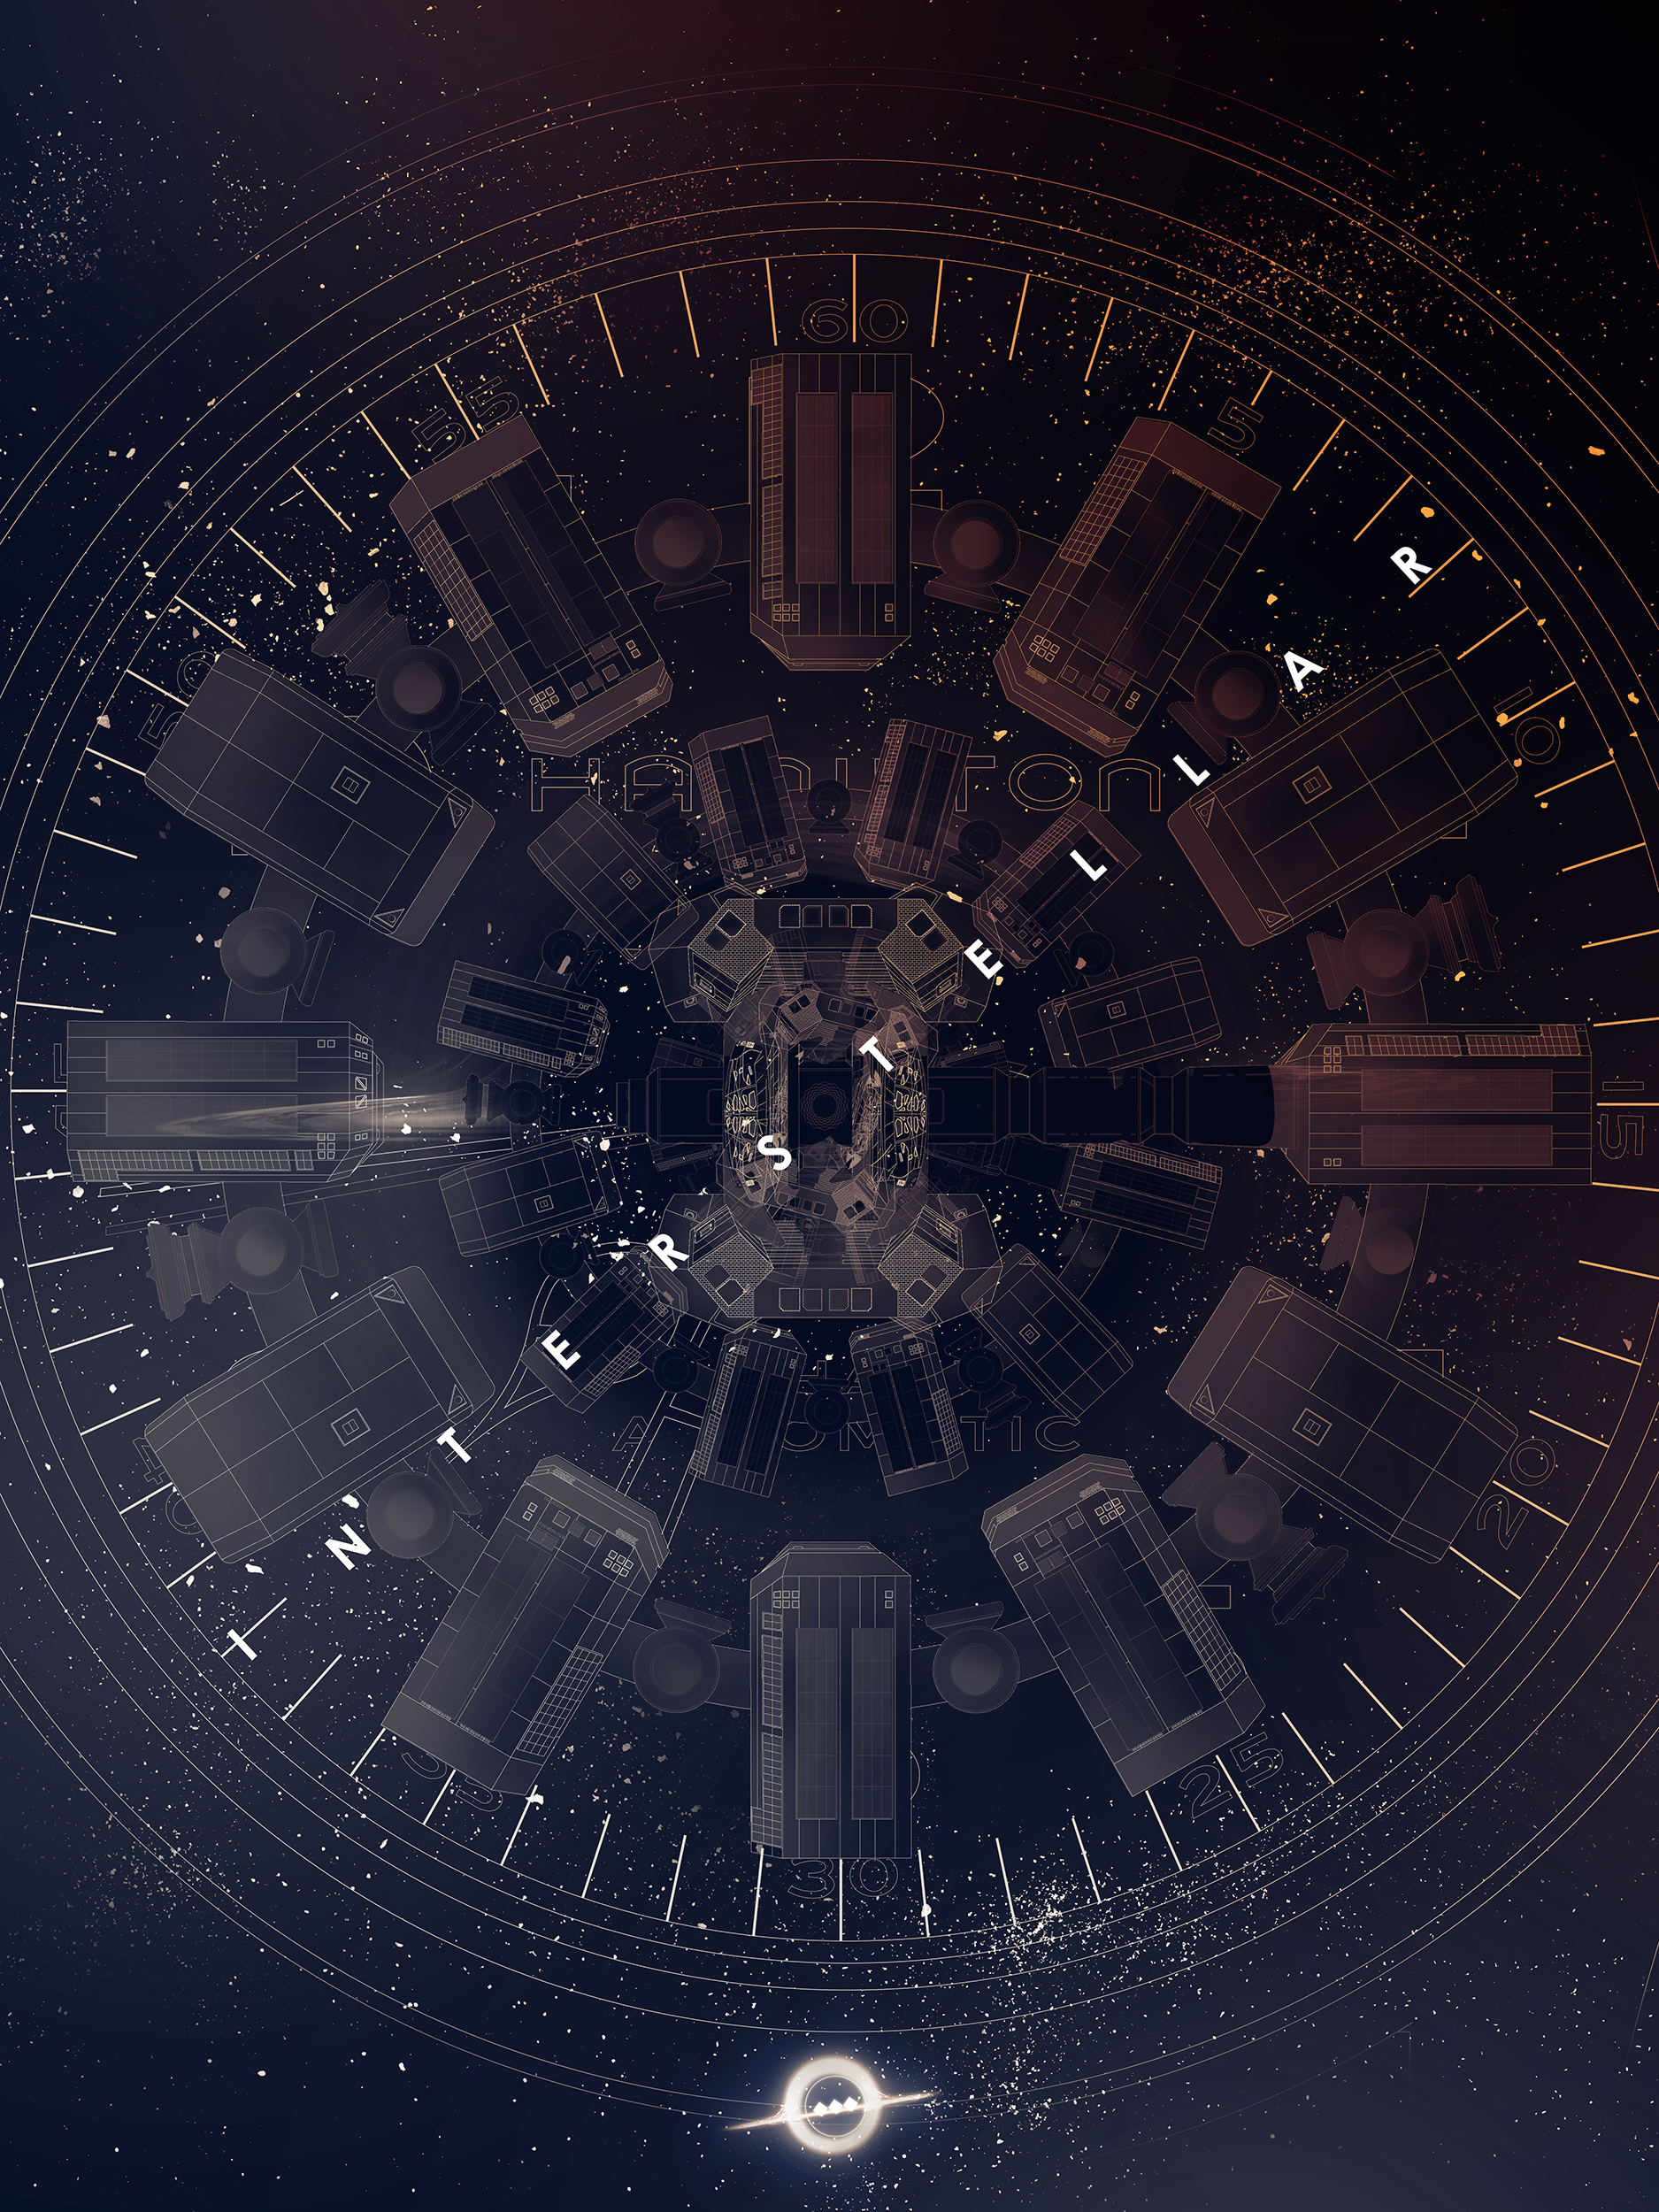 Interstellar - Final -18x24 RGB.jpg